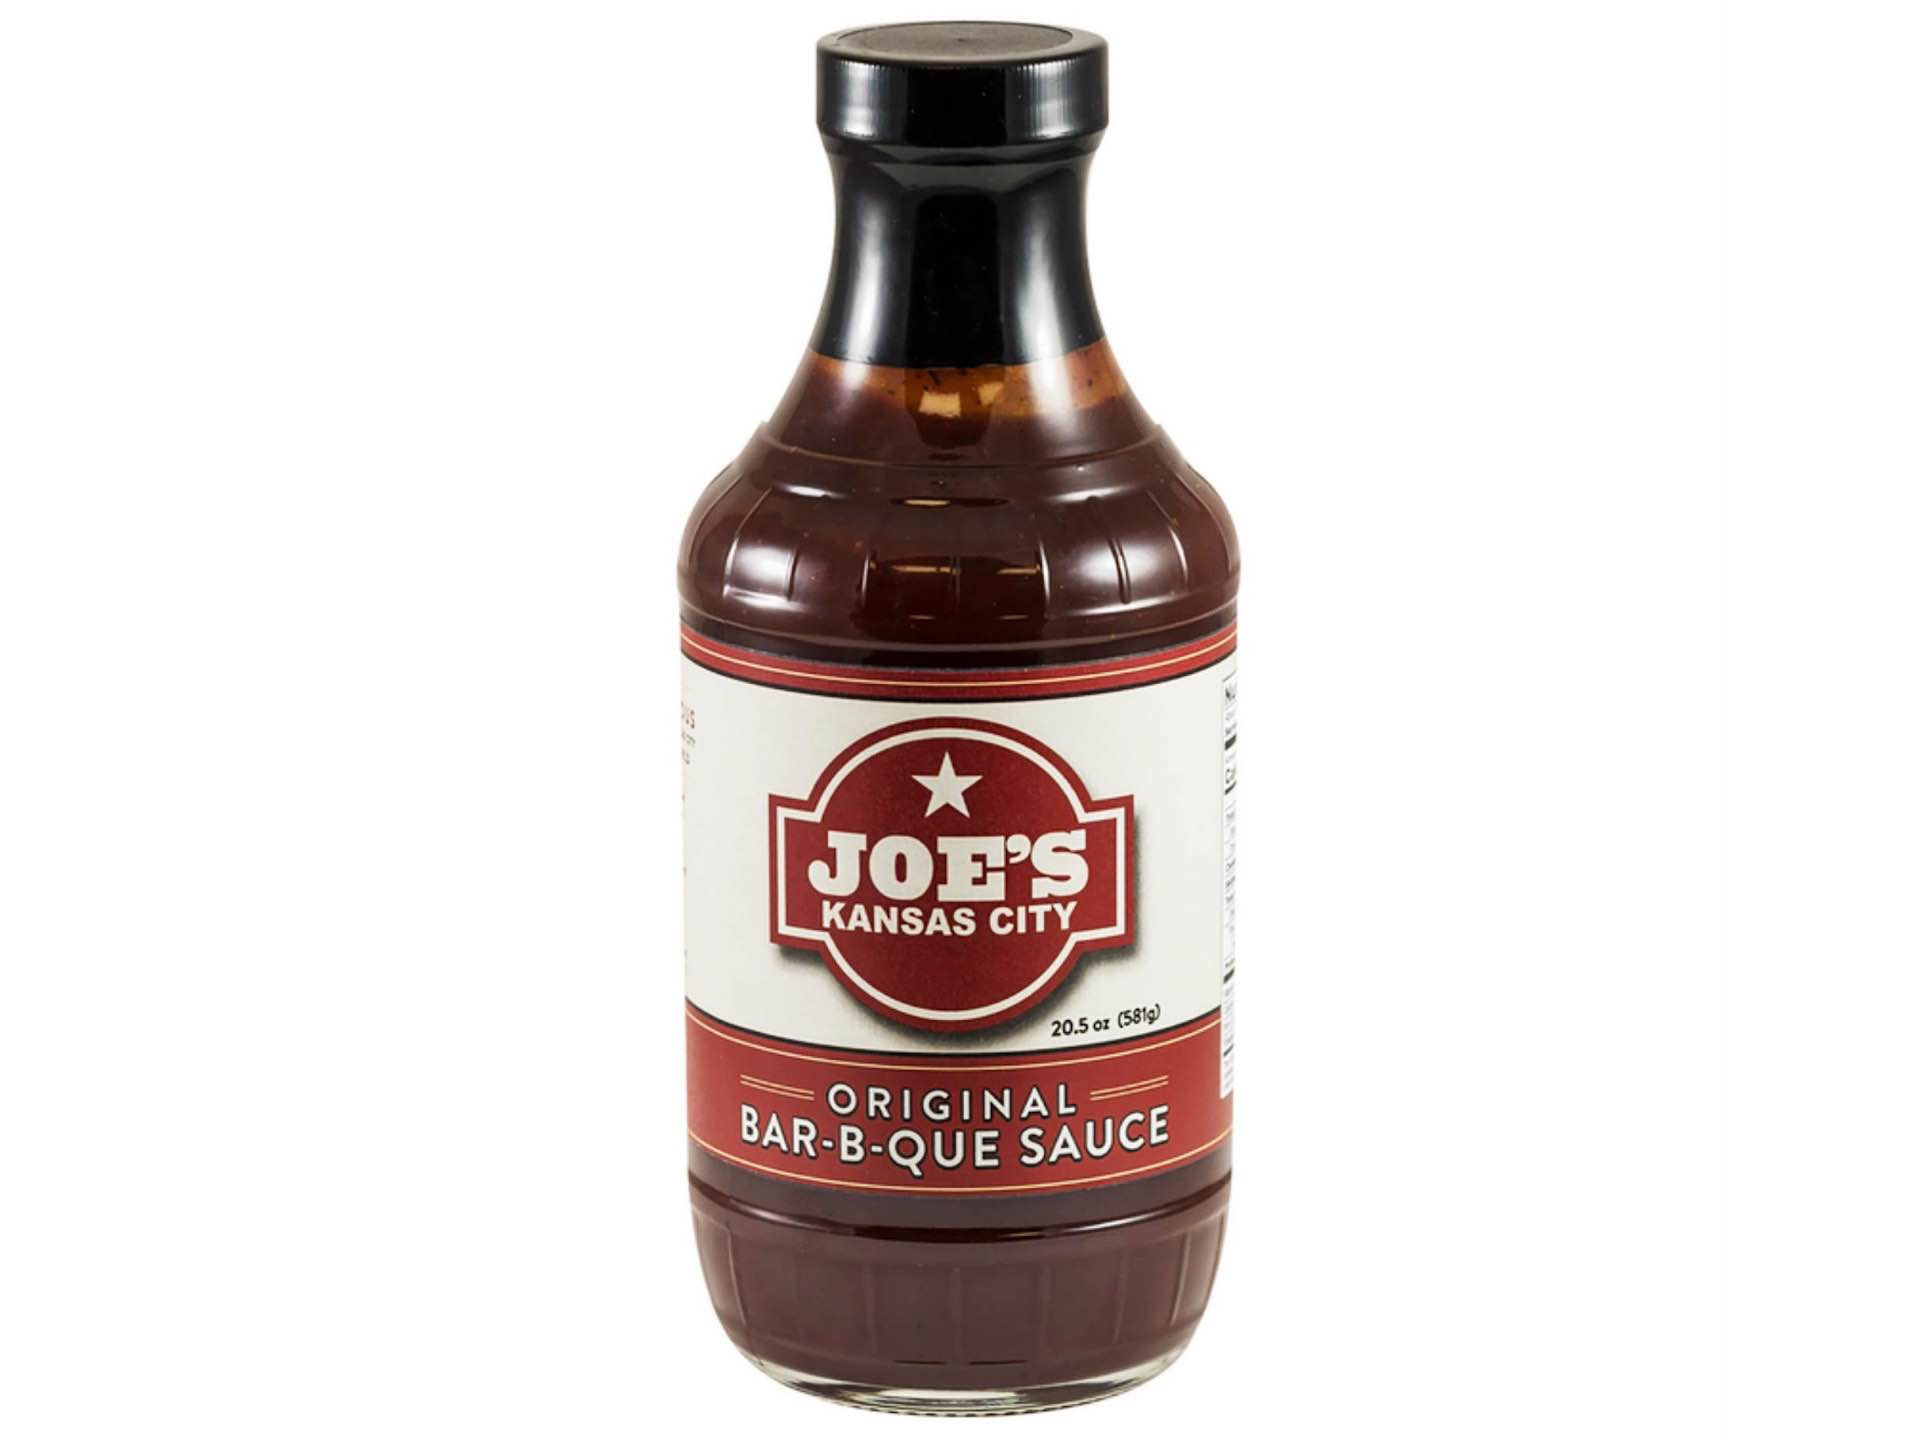 joes-kansas-city-bar-b-que-sauce